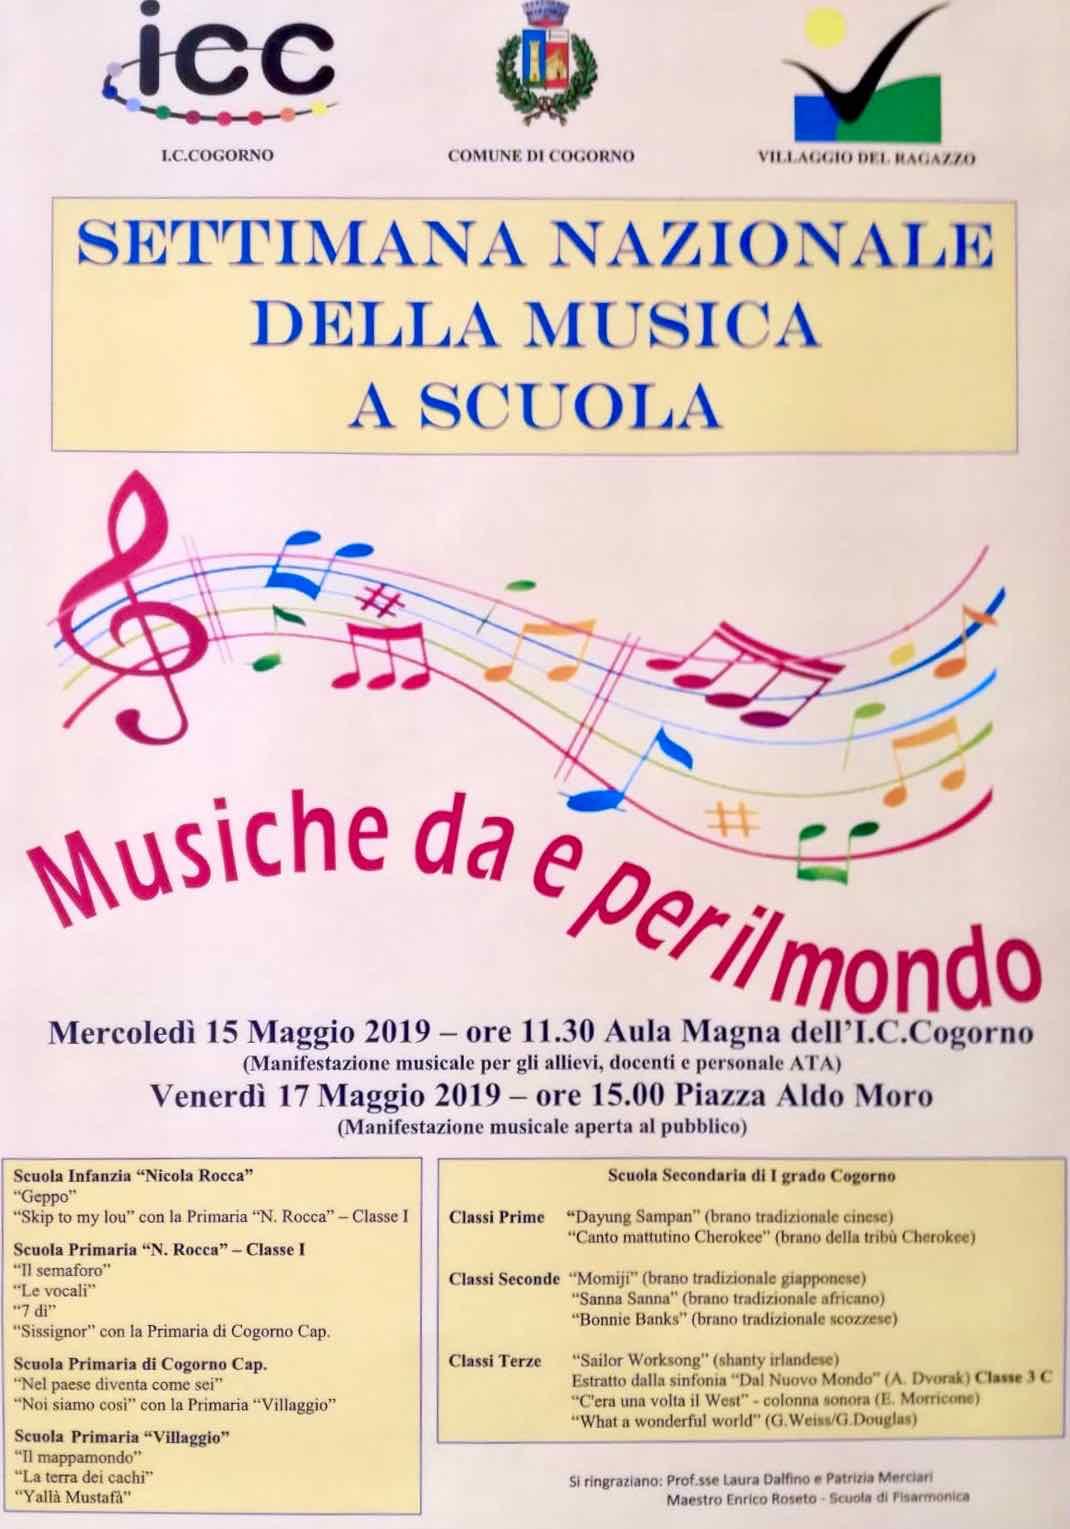 """Settimana Nazionale della Musica a Scuola: a Cogorno lo spettacolo """"Musiche da e per il mondo"""" a sostegno del progetto Lucma"""